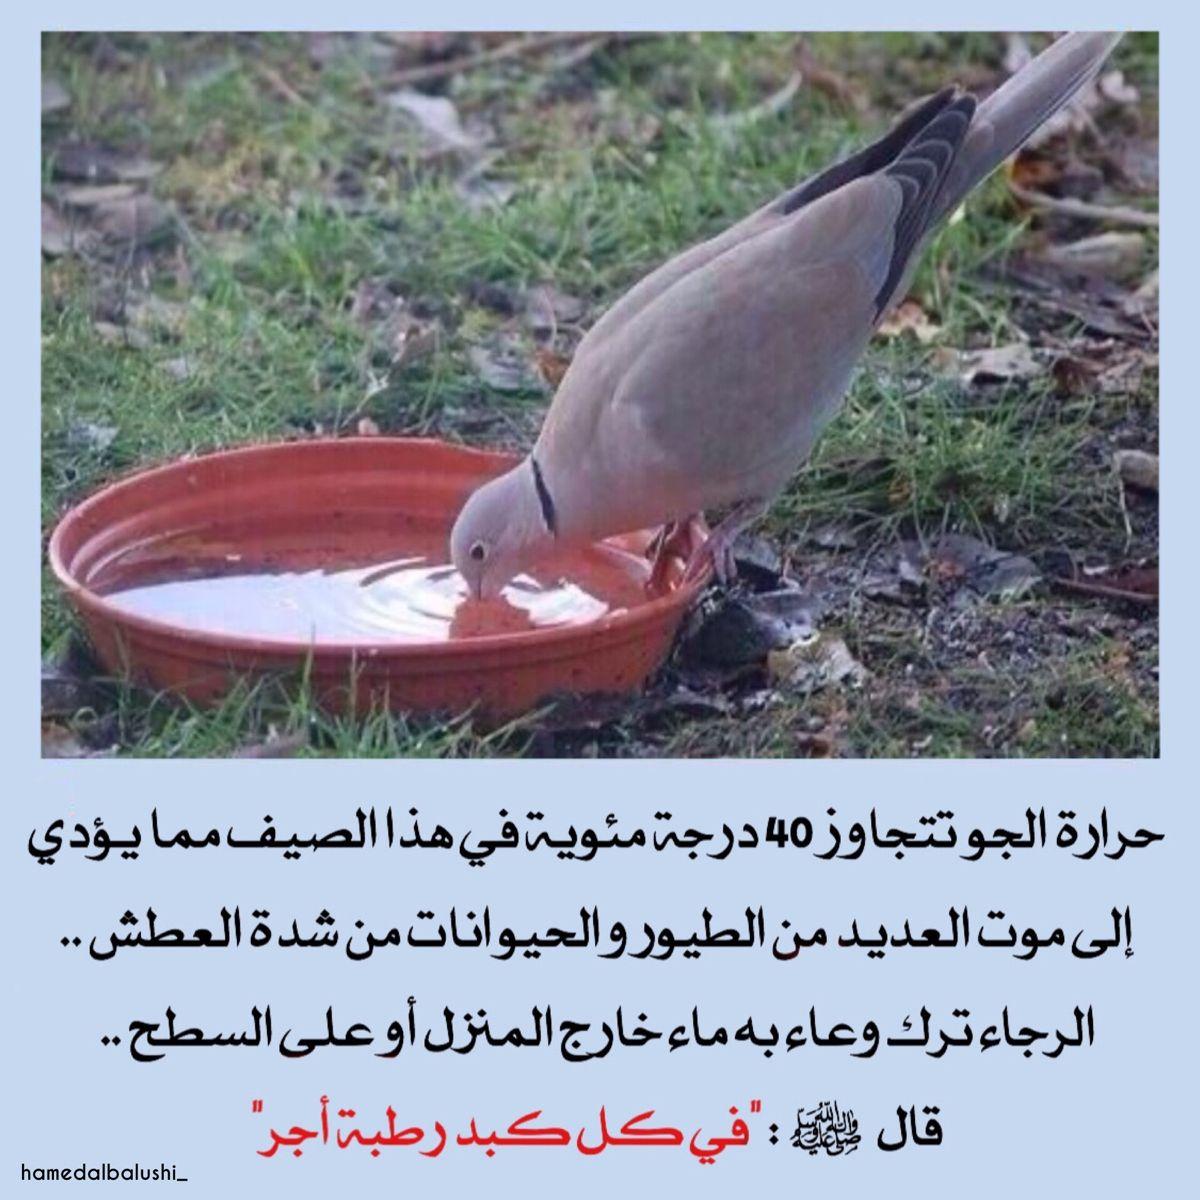 في كل كبد Garden Tools Arabic Quotes Animals